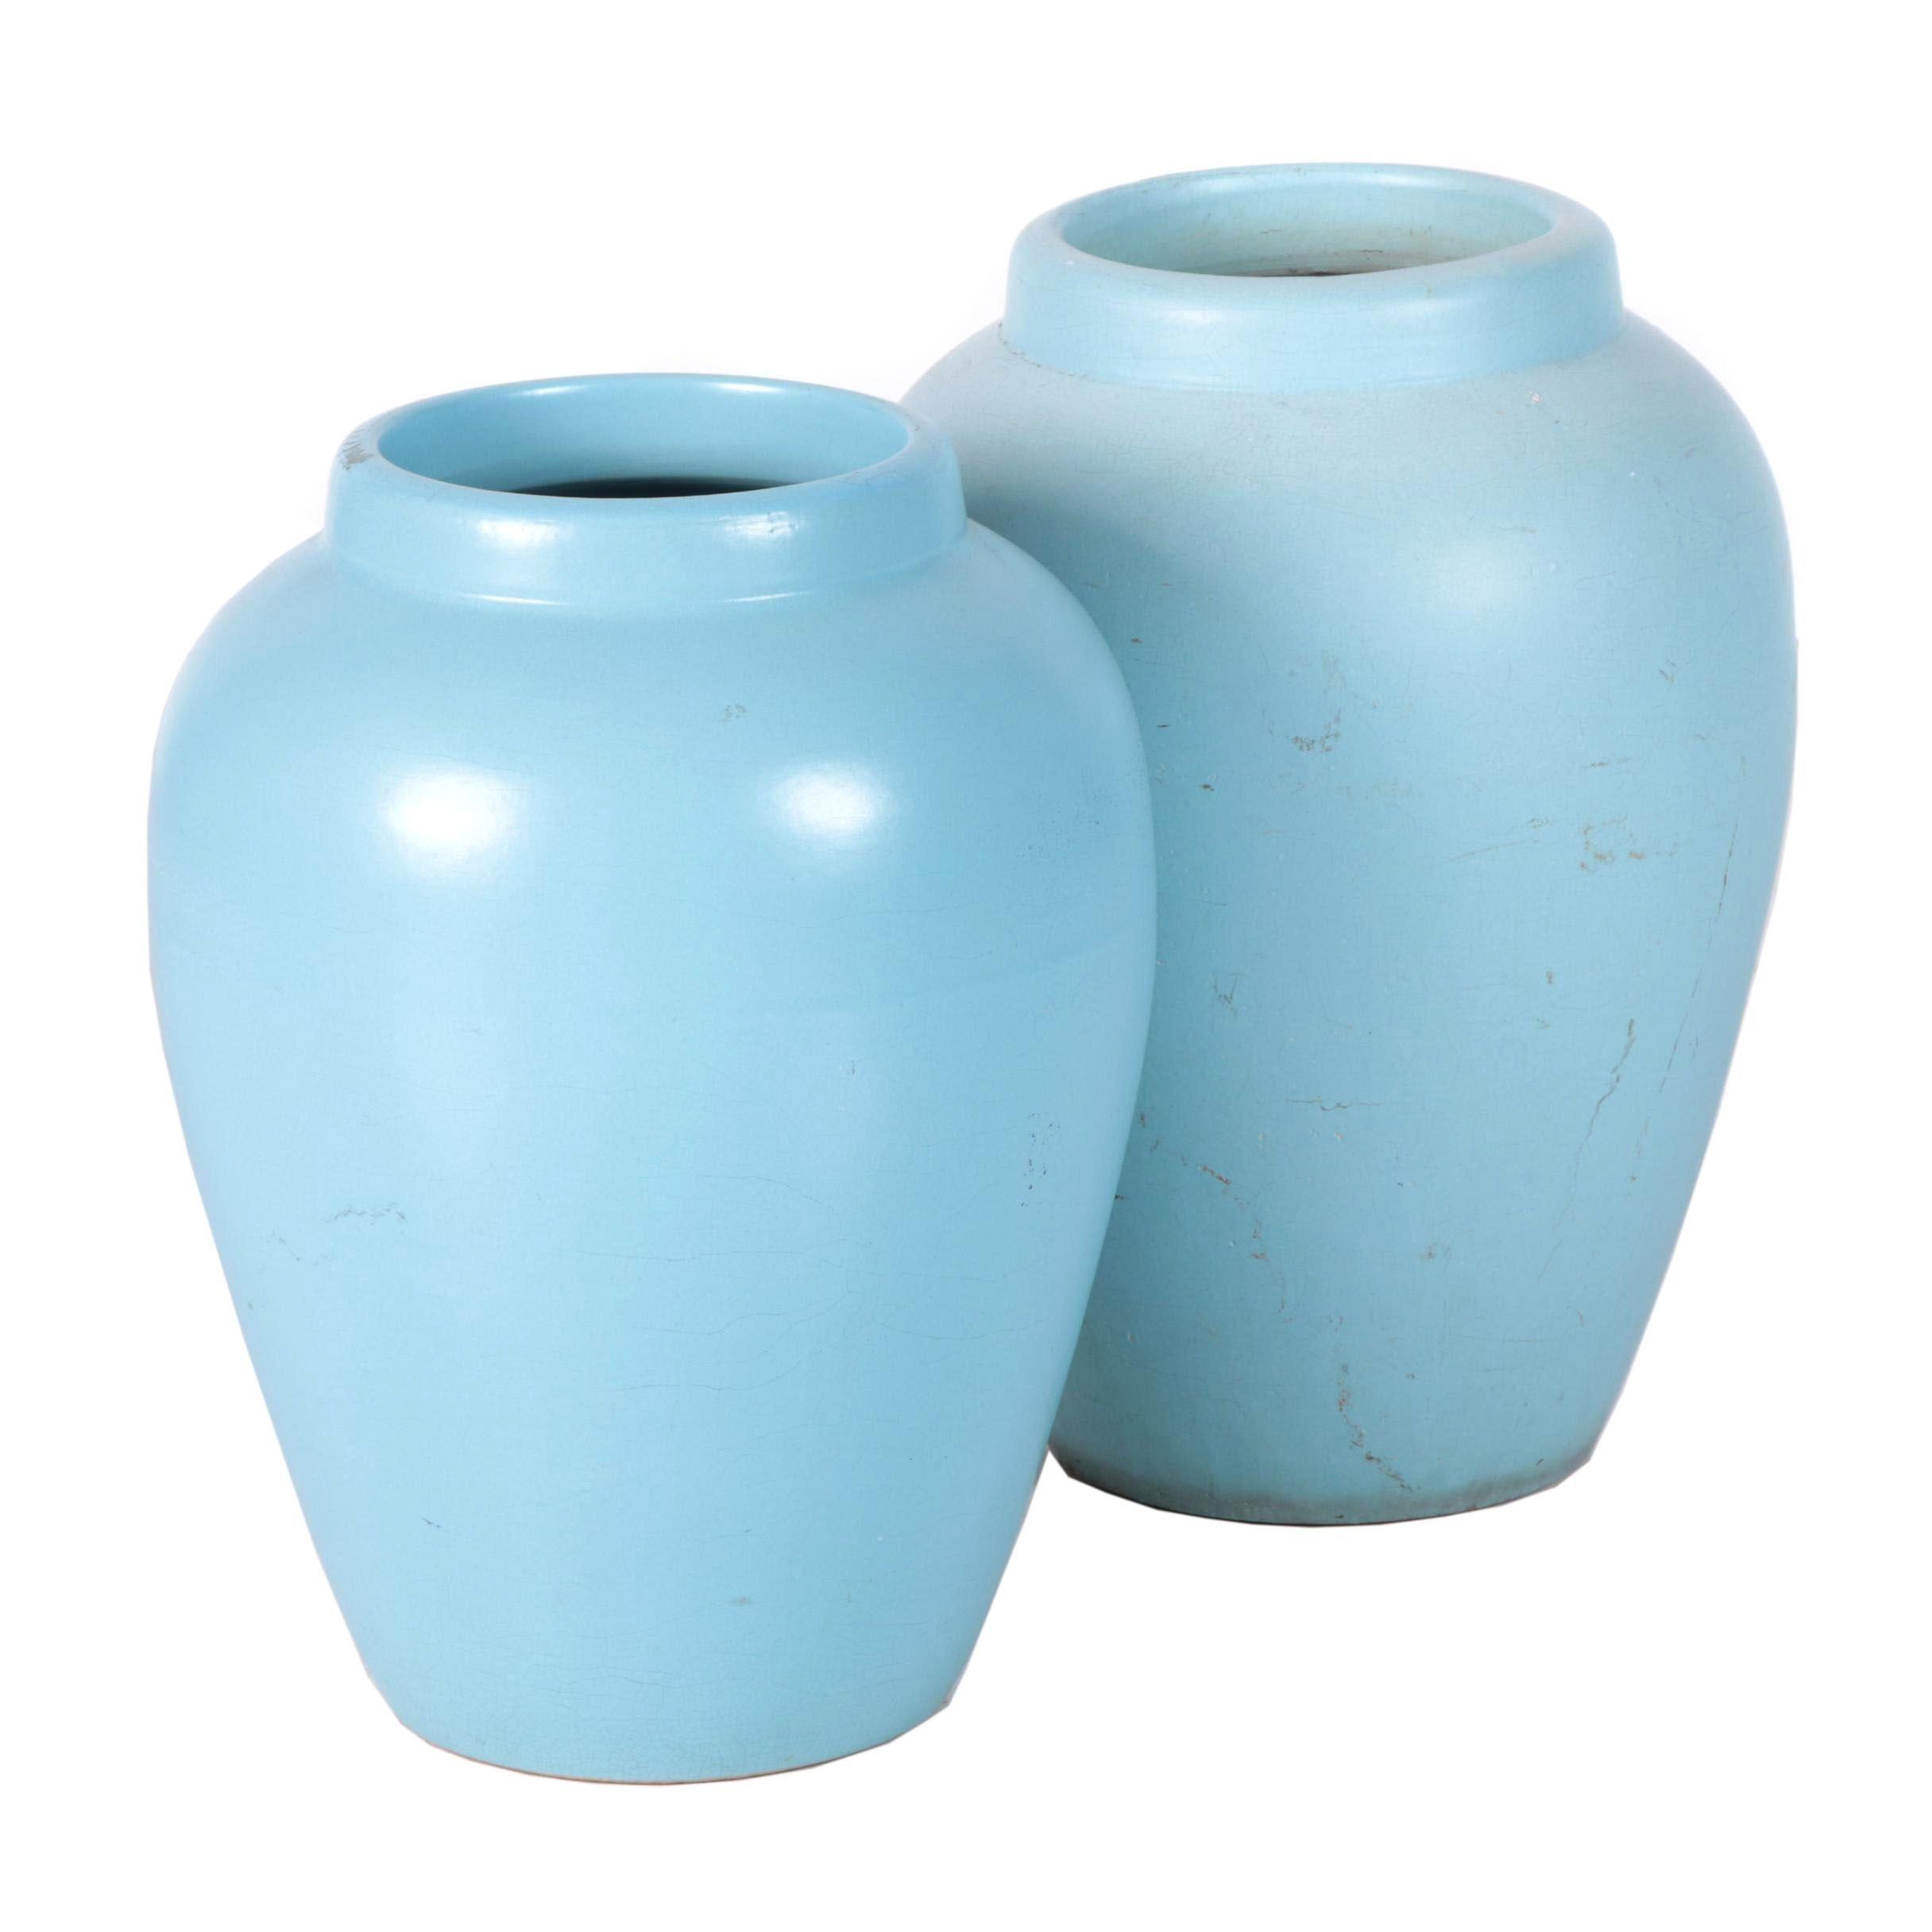 Mid-Century Urn Form Ceramic Floor Vases